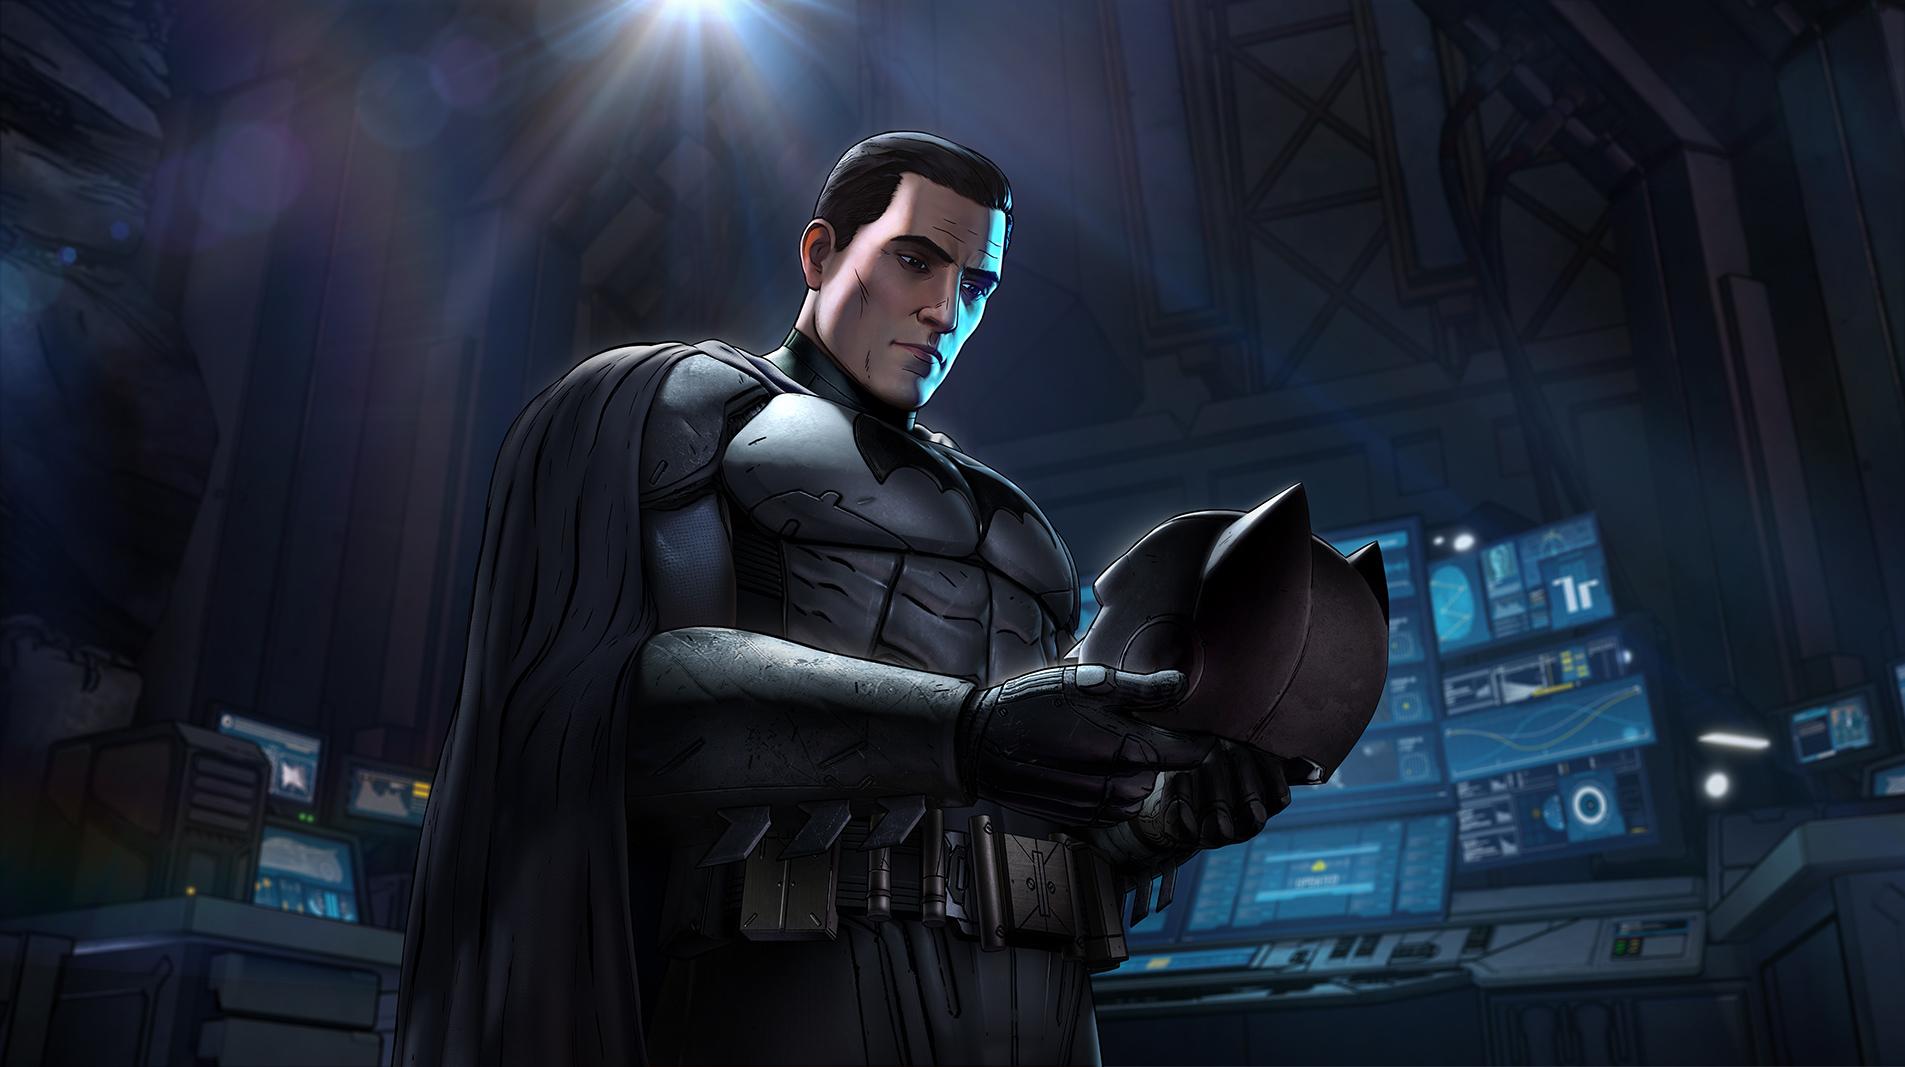 Výsledek obrázku pro batman telltale games